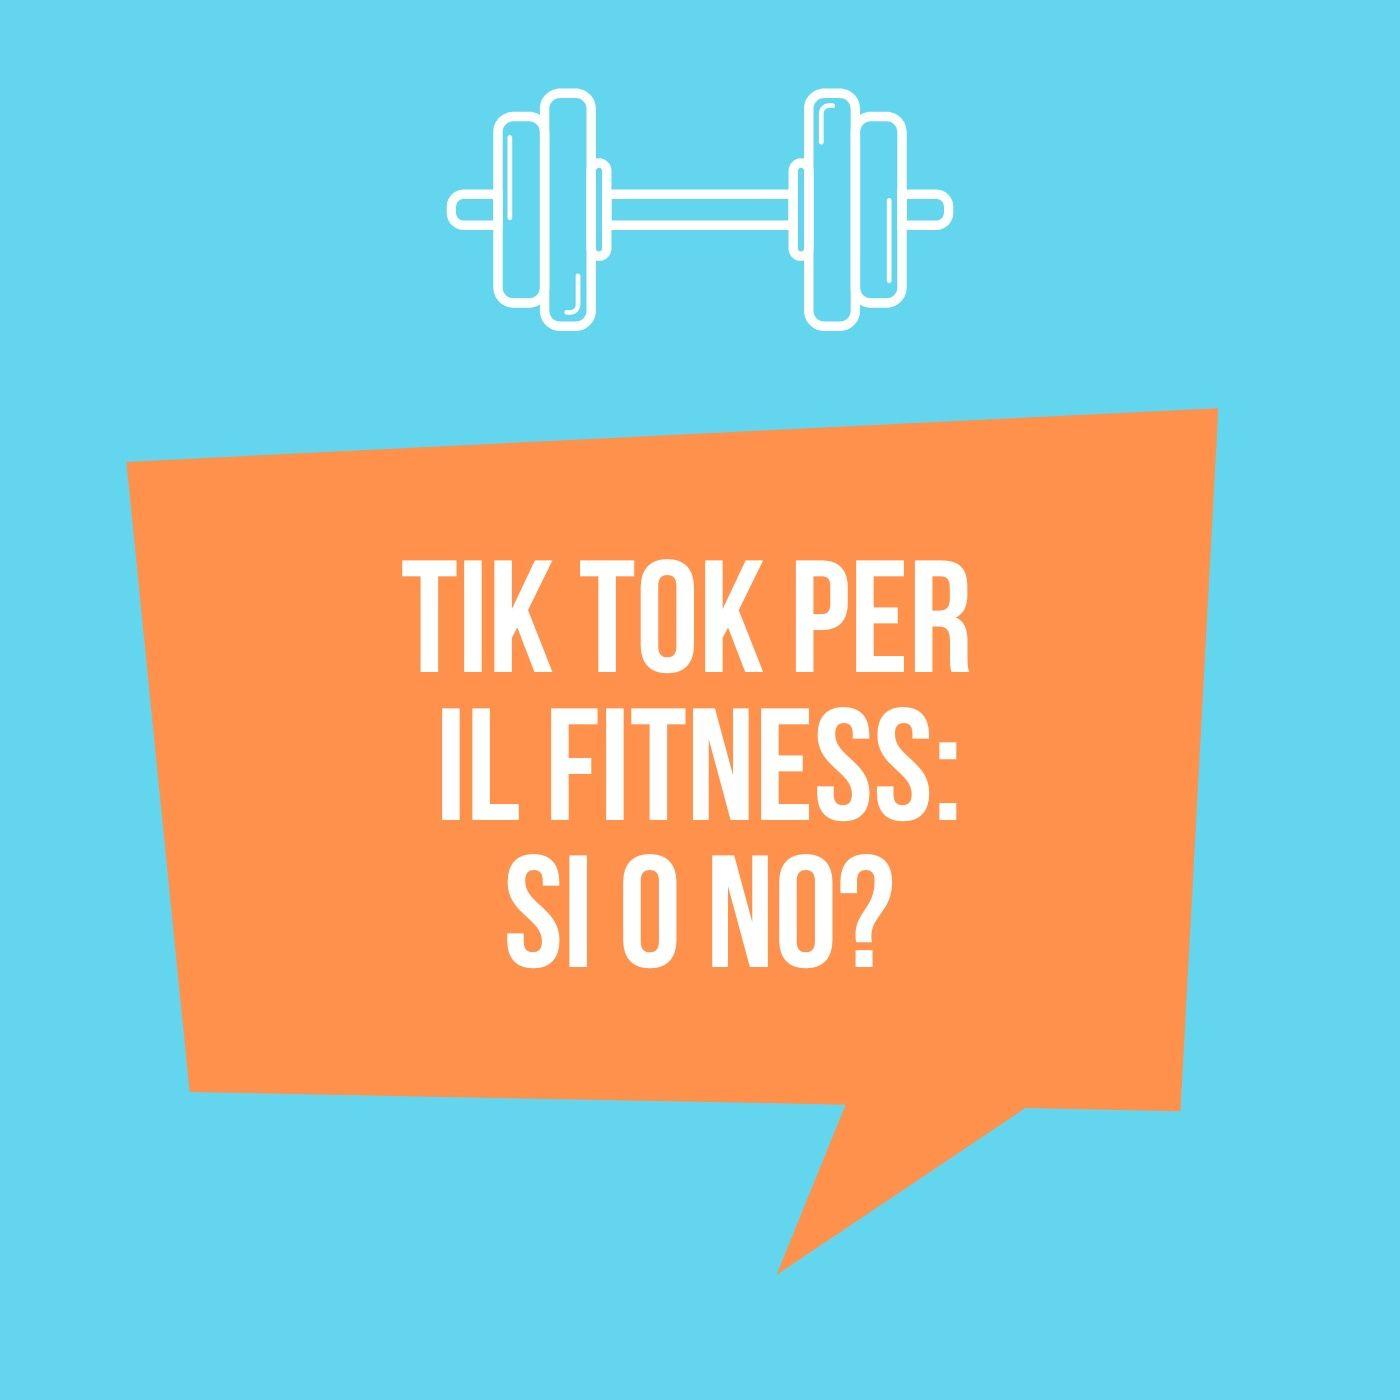 Tik Tok per il fitness: si o no?